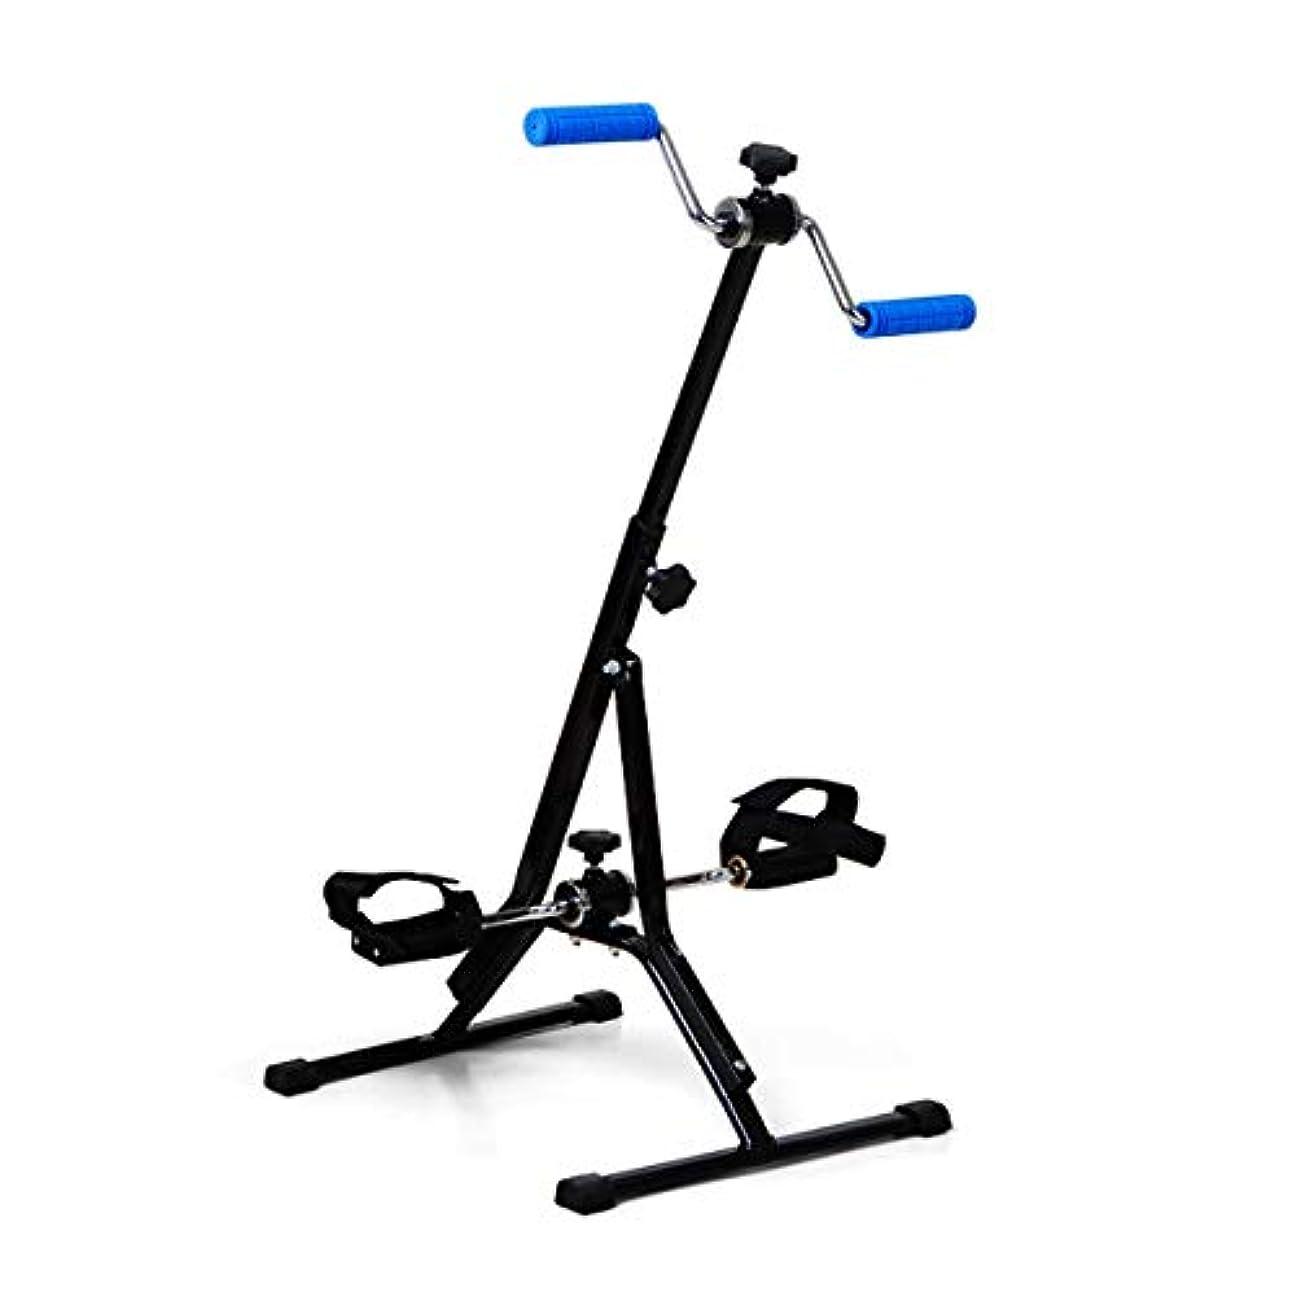 取り出すフローティングワークショップ上肢および下肢のトレーニング機器、ホームレッグアームペダルエクササイザー、高齢者の脳卒中片麻痺リハビリテーション自転車ホーム理学療法フィットネストレーニング,A